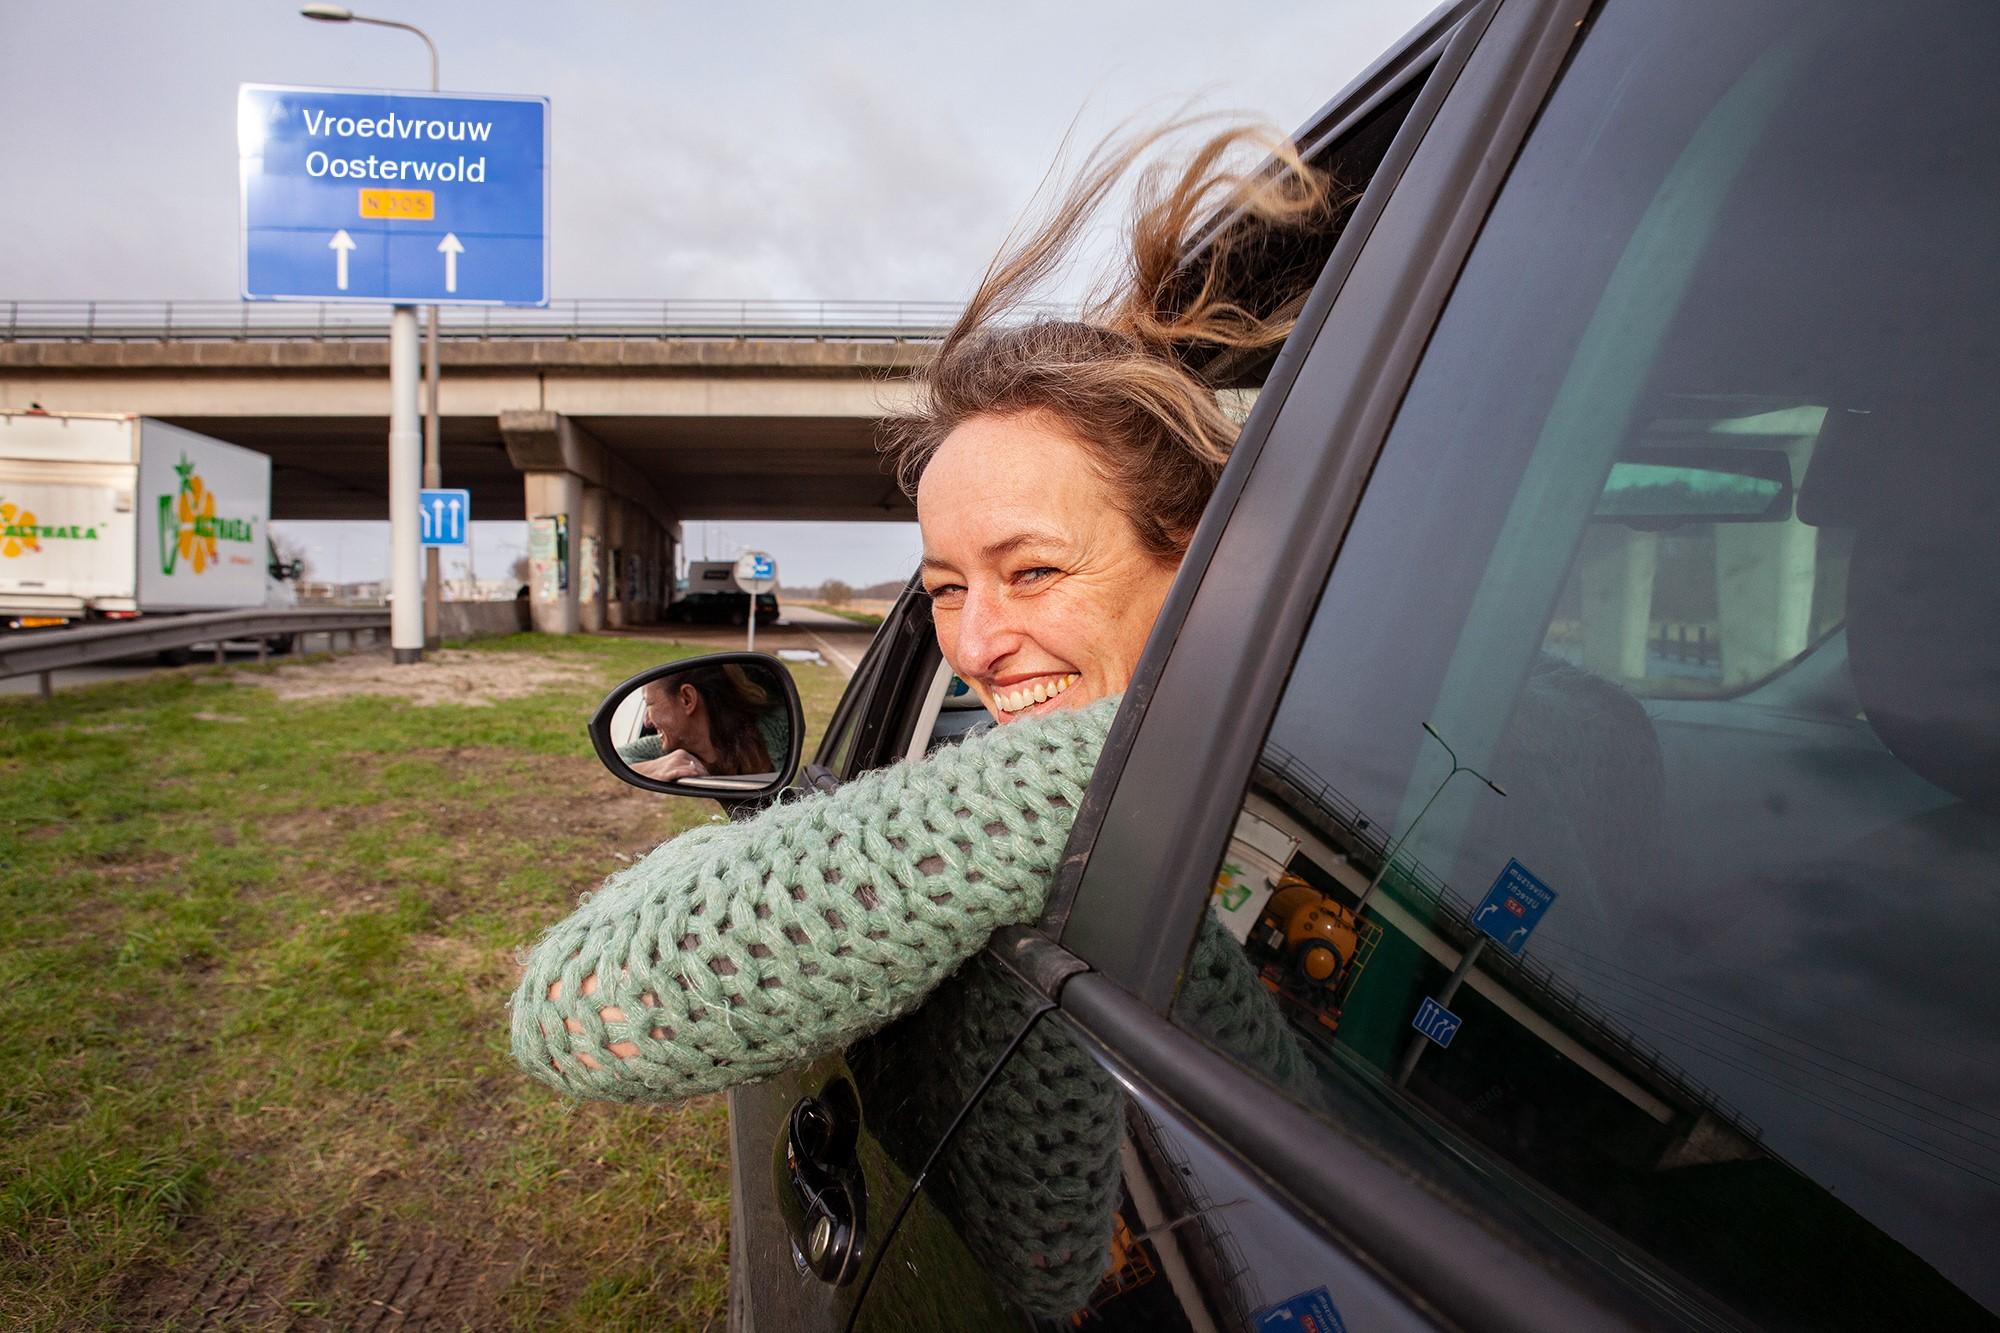 Michelle in haar auto, kijkend uit raampje, op achtergrond richtingbord met 'vroedvrouw oosterwold'